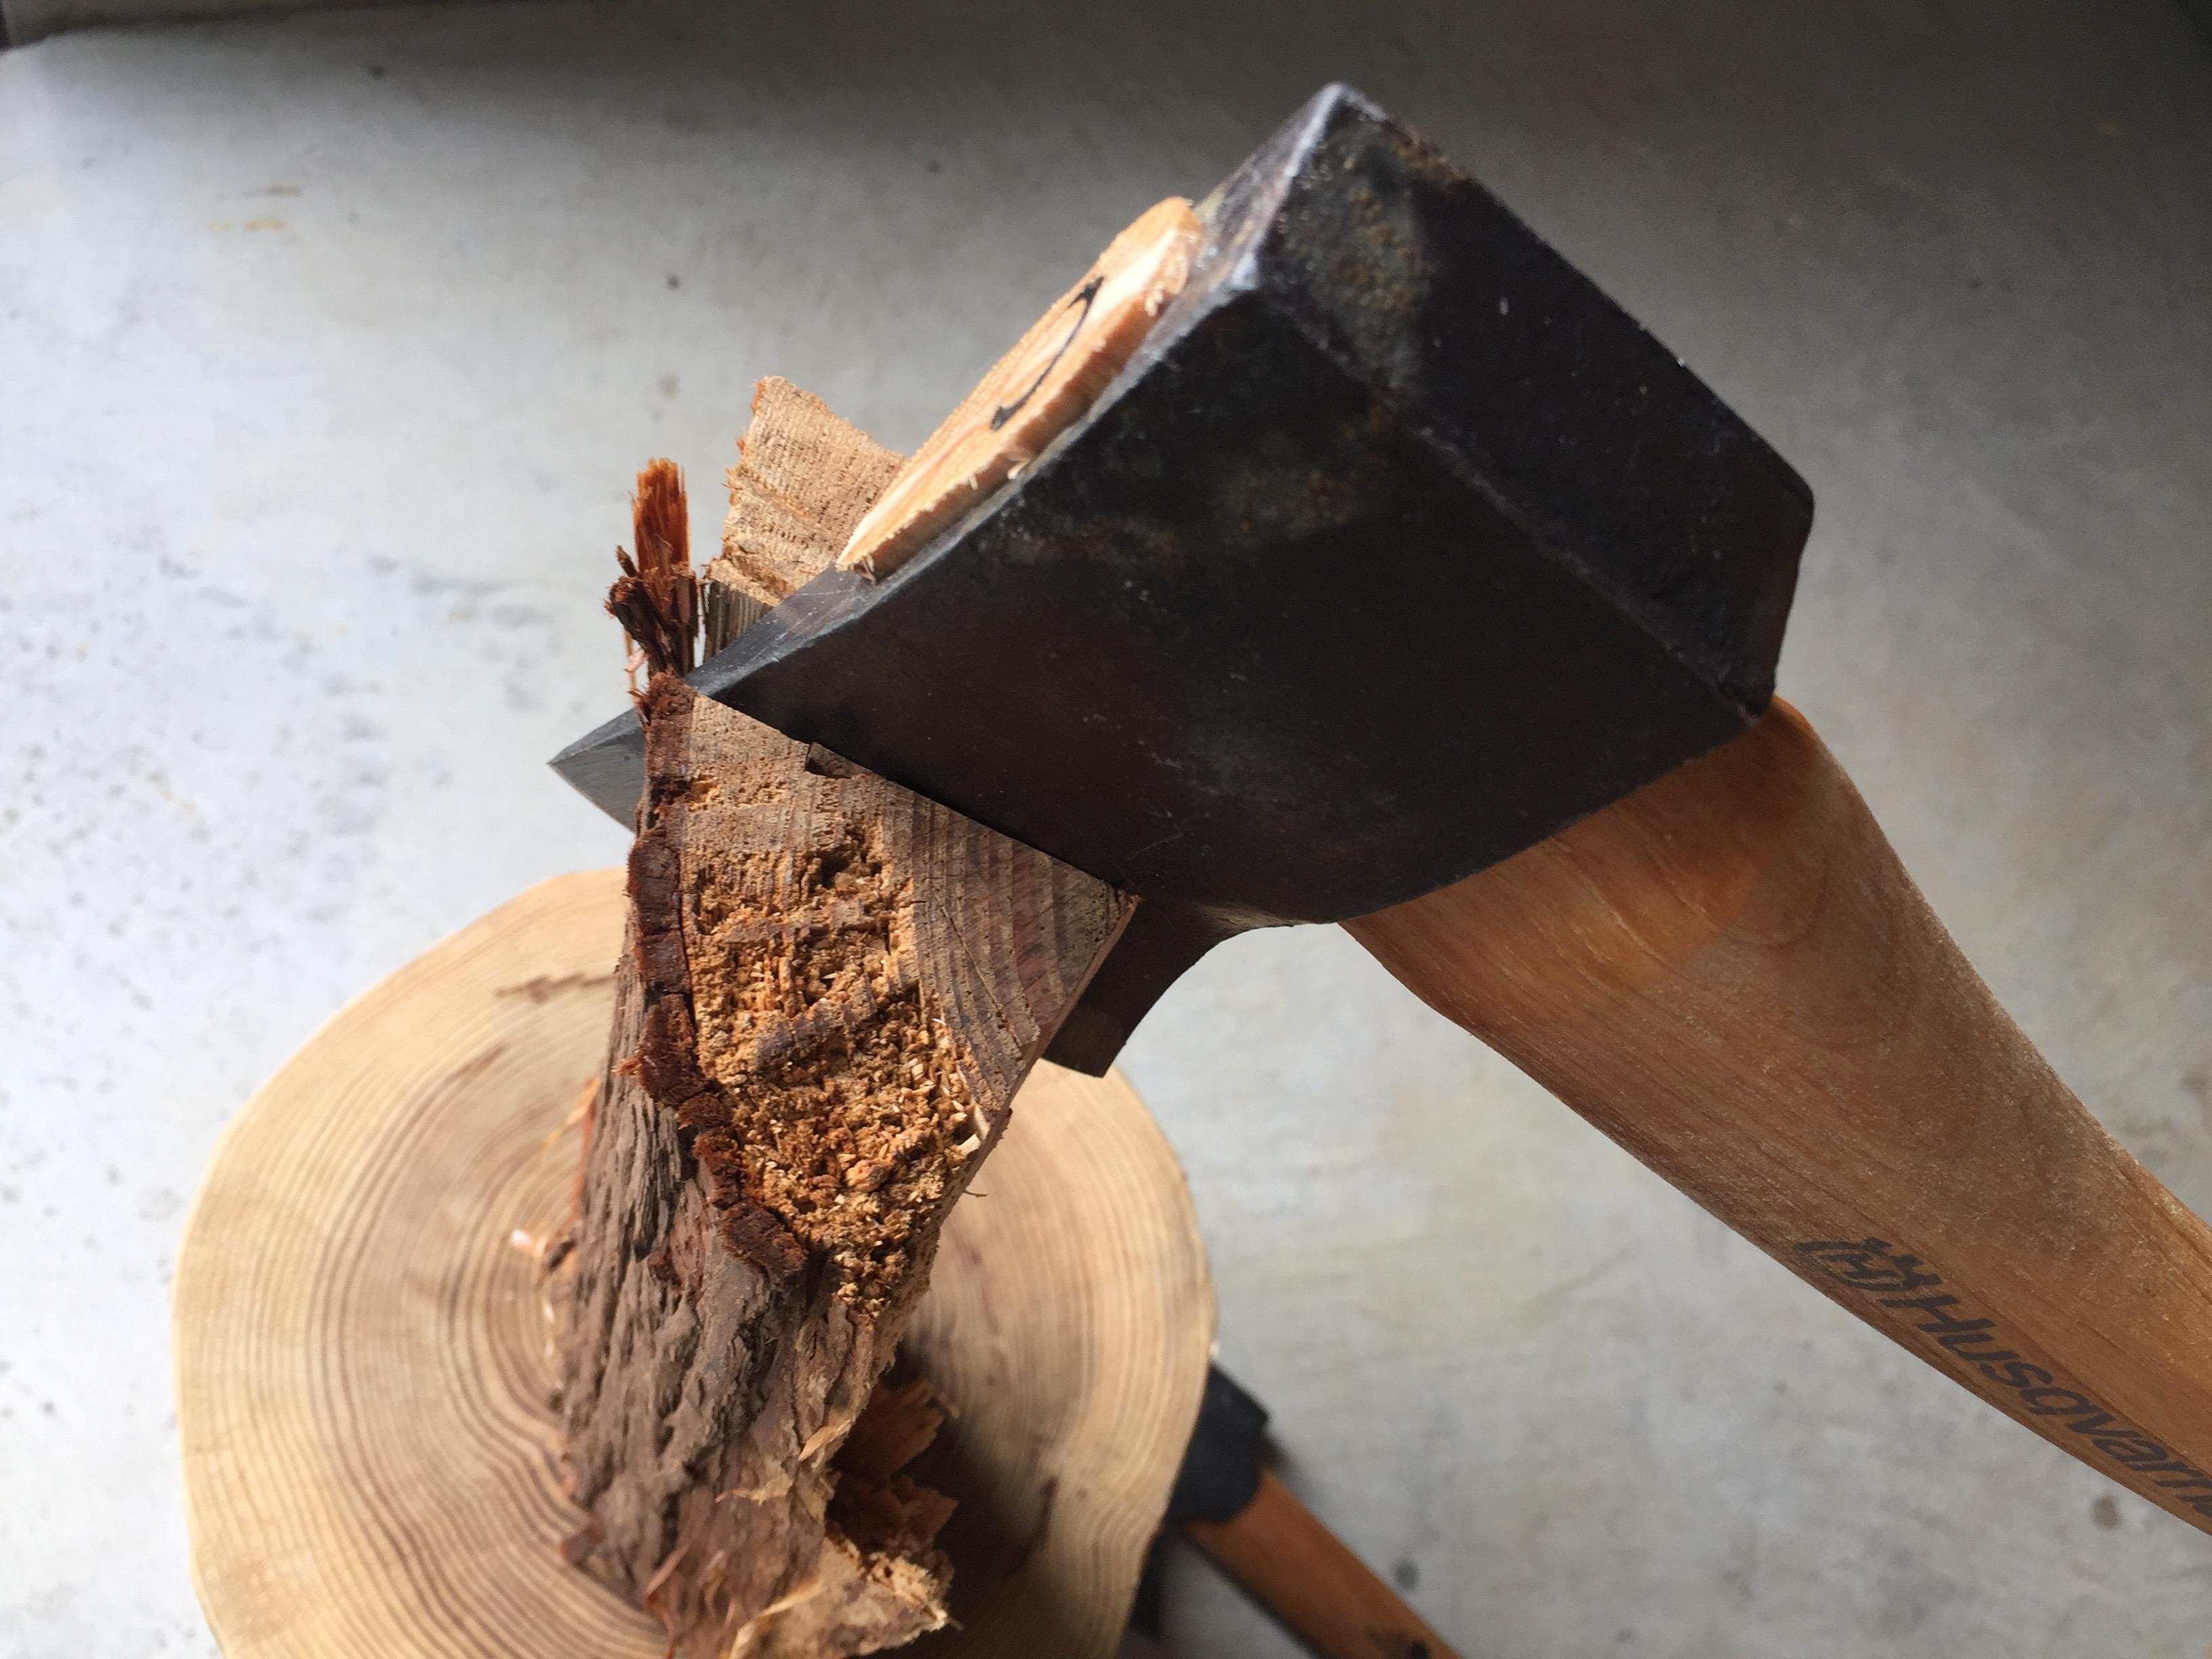 ハスクバーナの手斧で薪割りをしている様子